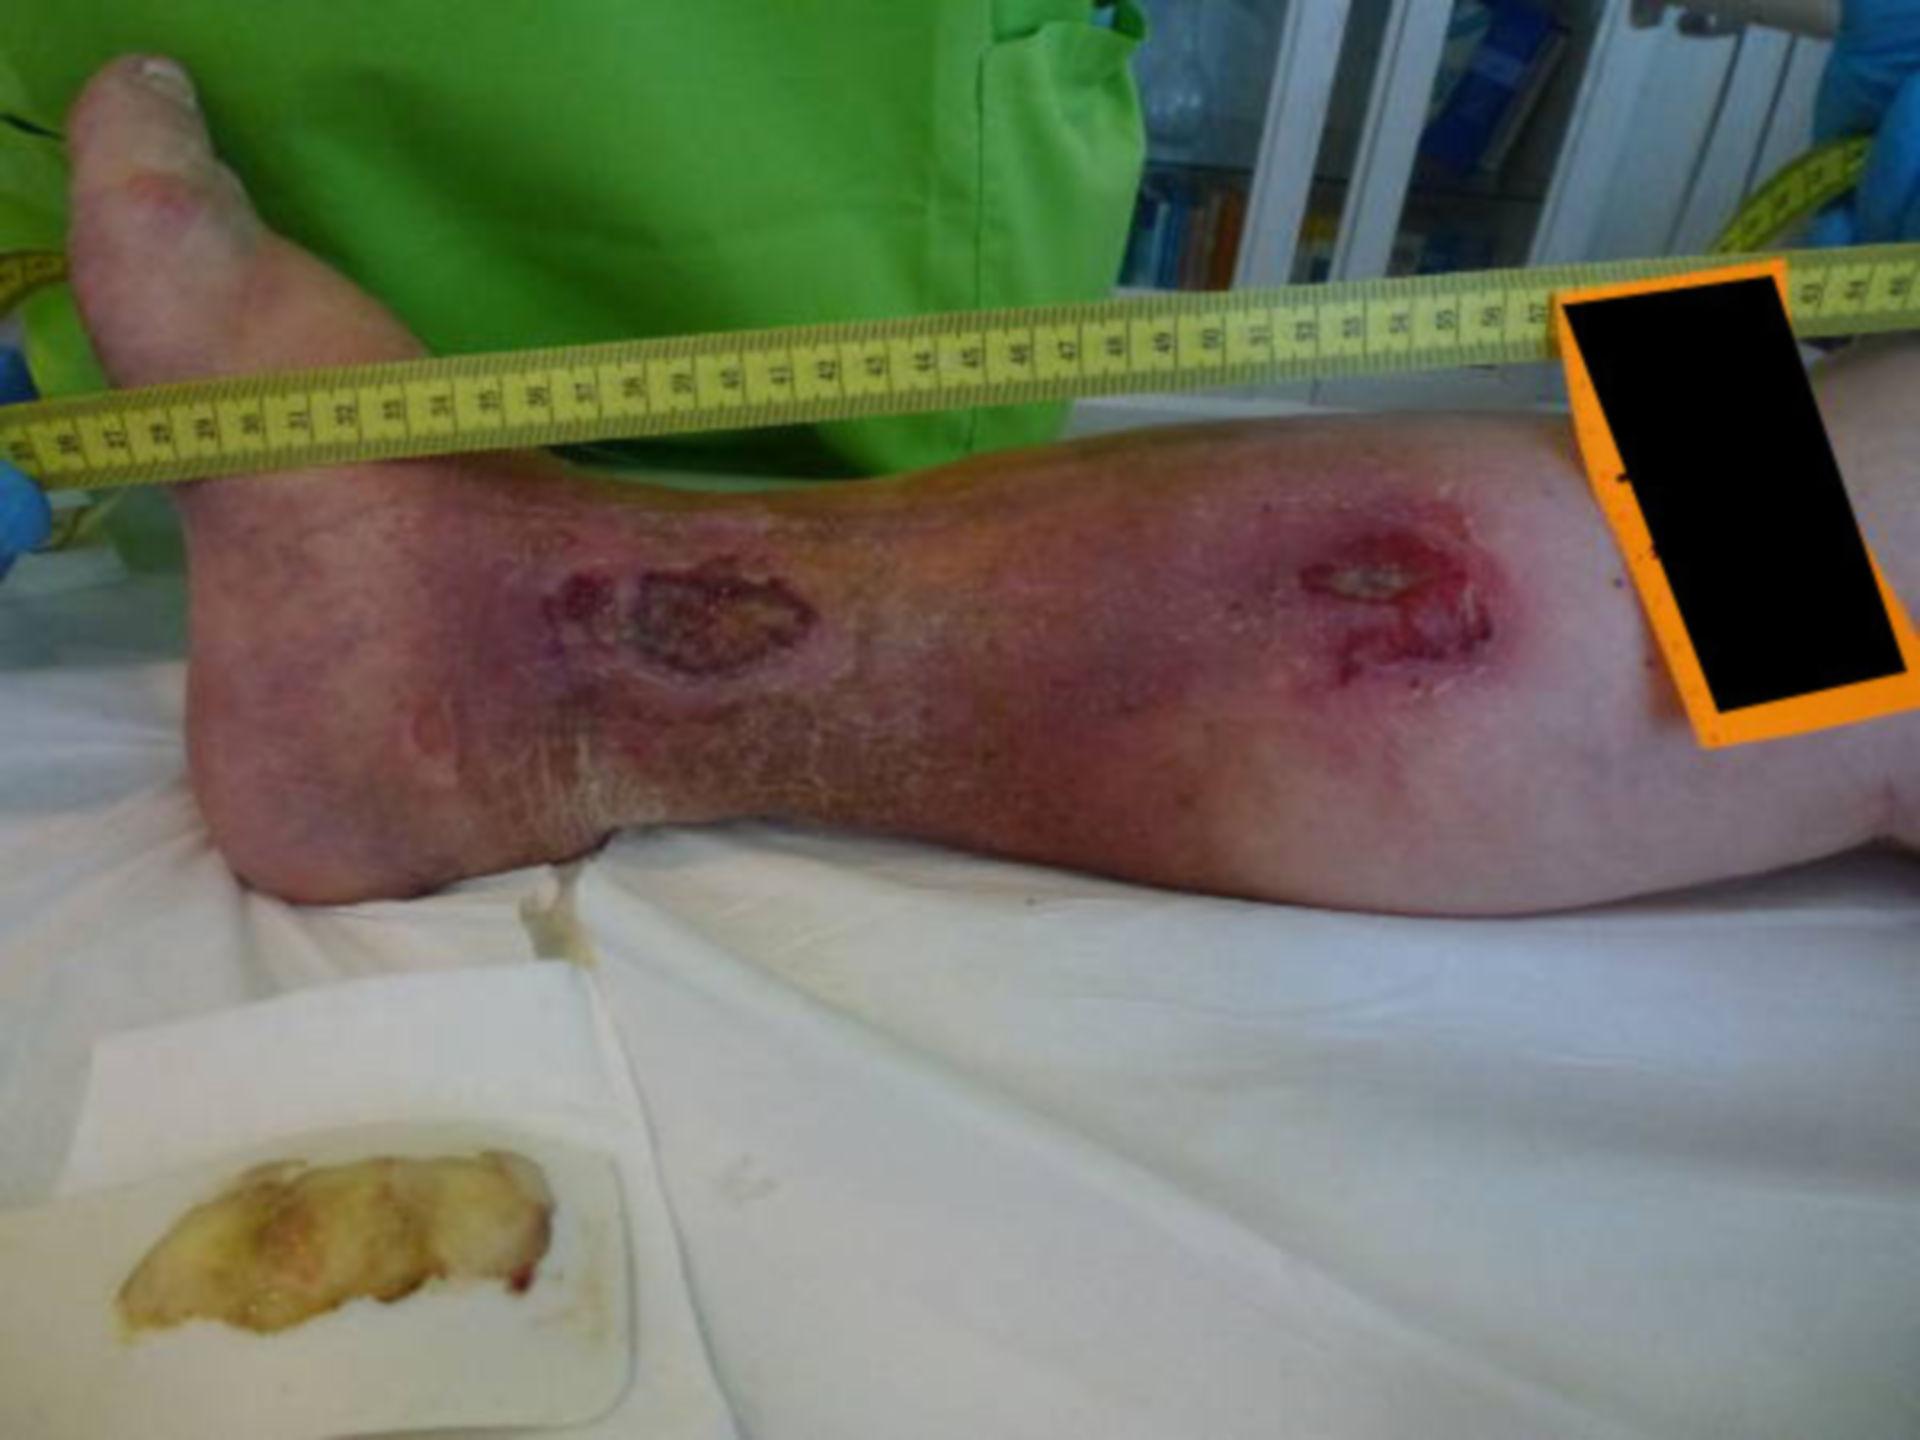 Úlcera distal: úlcera de Cockett